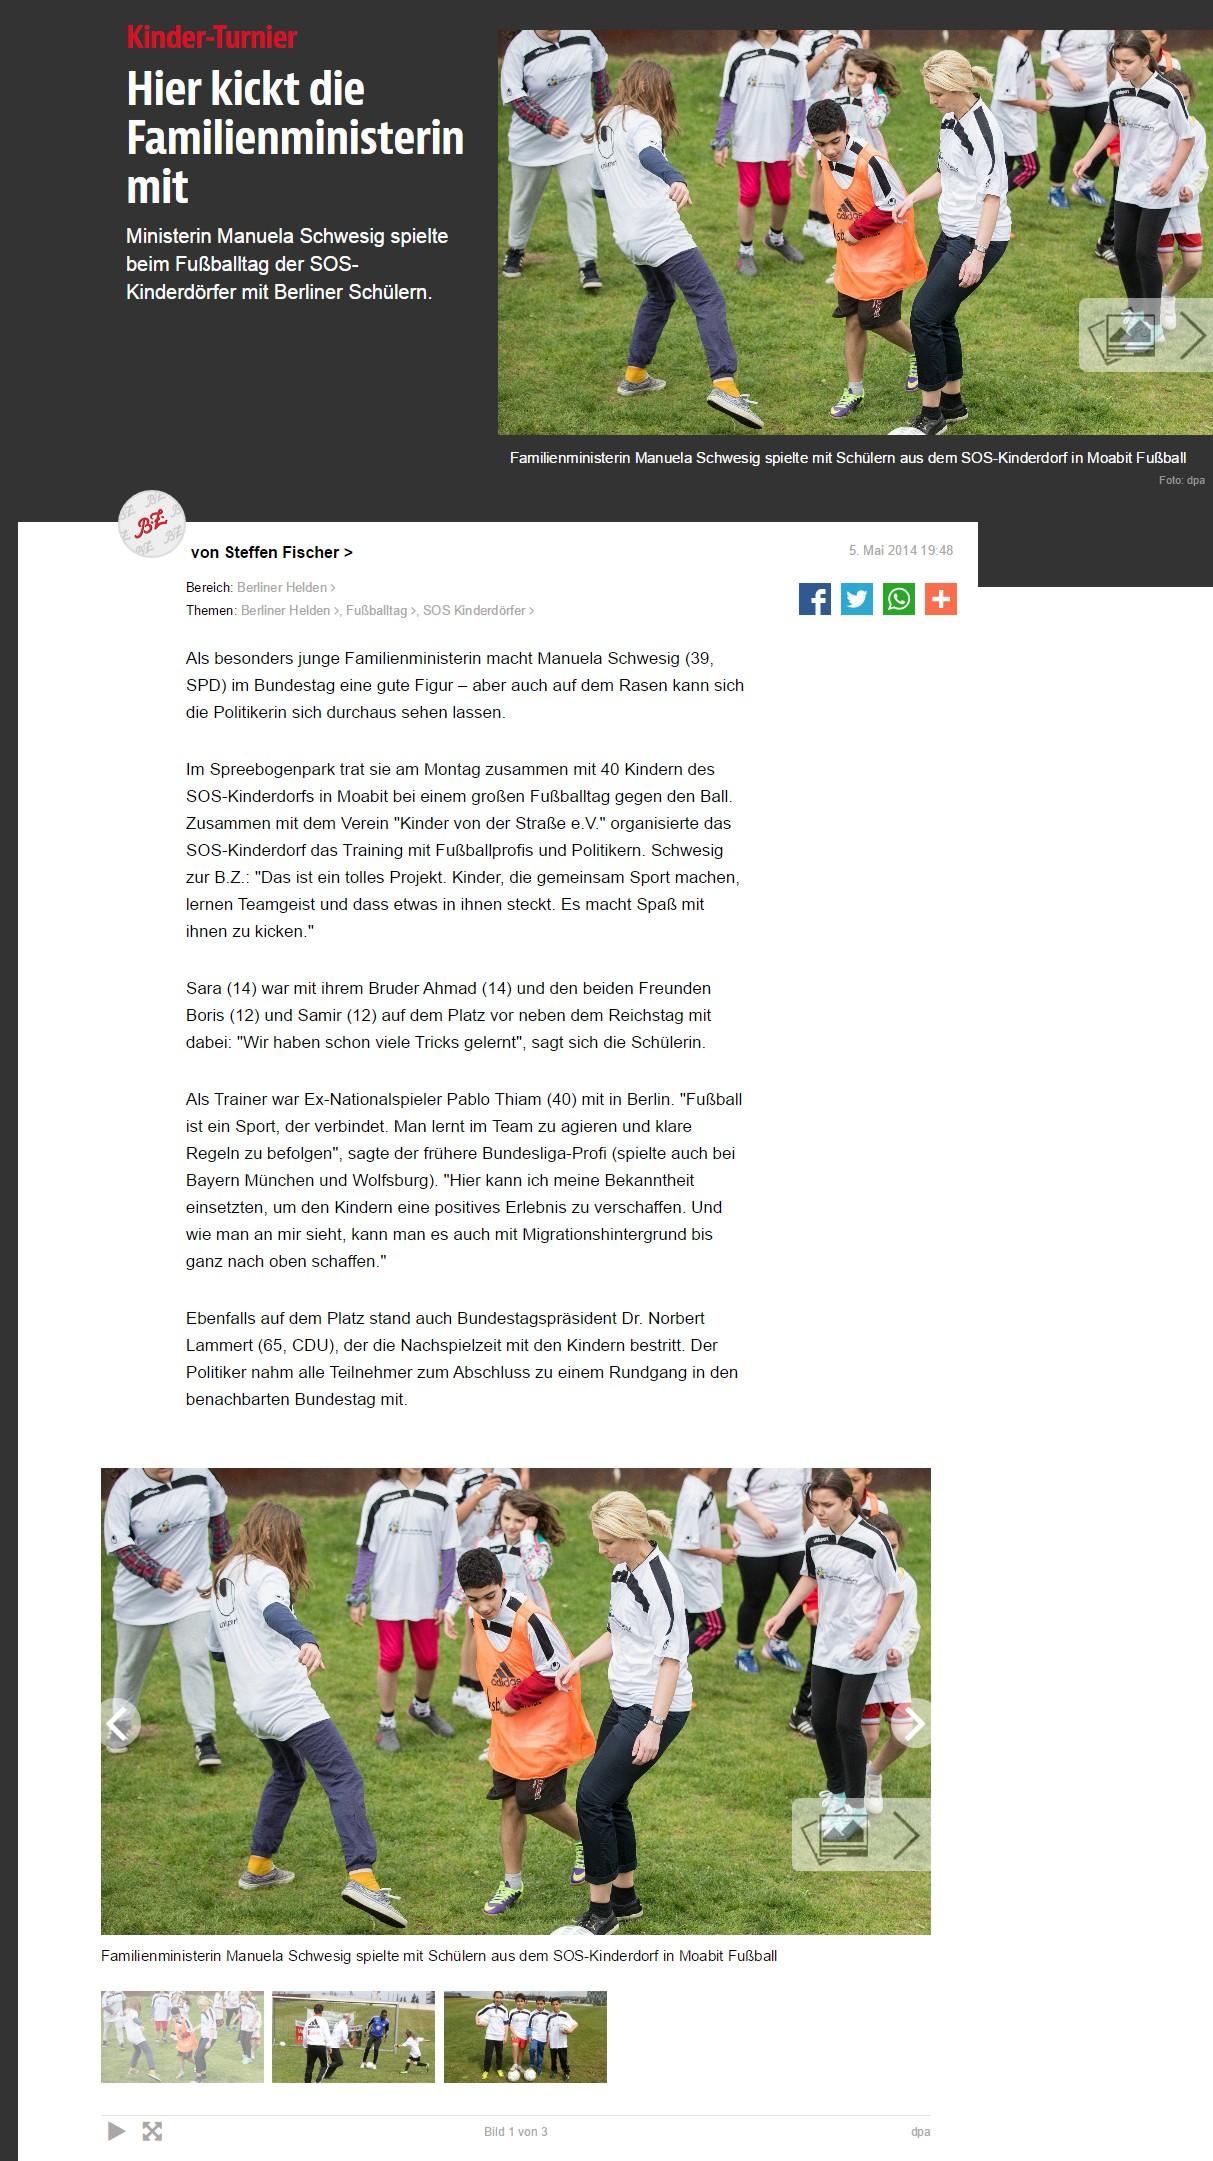 bzberlinde vom 05052014 - Bild 1 - Datum: 05.05.2014 - Tags: Besonderes, Fußballtag in Berlin vor dem Bundestag, Pressebericht, AKTION FUSSBALLTAG e.V.